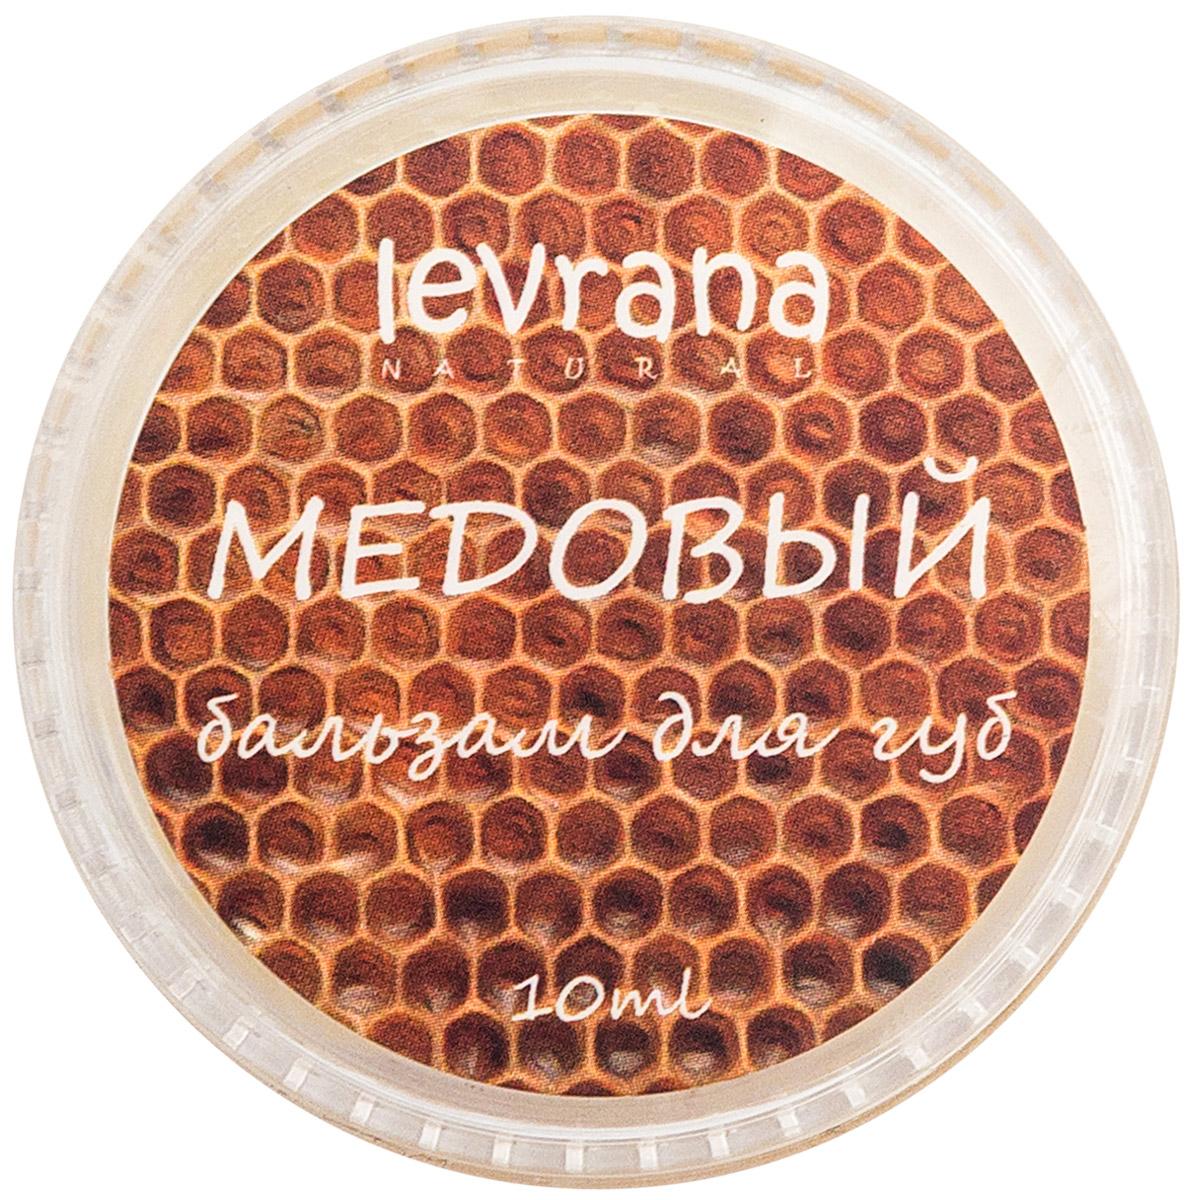 Levrana Бальзам для губ Медовый, 10 гLB04В основе пчелиный воск и настоящий мёд!Бальзам питает кожу, насыщает ее витаминами группы В (В1, В2, В6), витамином Е и фолиевой кислотой. А еще несметным количеством микроэлементов.Бальзам подойдет для ежедневного применения, а также это спасение для поврежденной, потрескавшейся кожи губ. Защитит от ветра и холода. Сохранит красоту и здоровье ваших губ.Состав: масло миндаля сладкого, воск пчелиный, масло ши, масло манго, мёд пчелиный, масло касторовое, витамин Е.